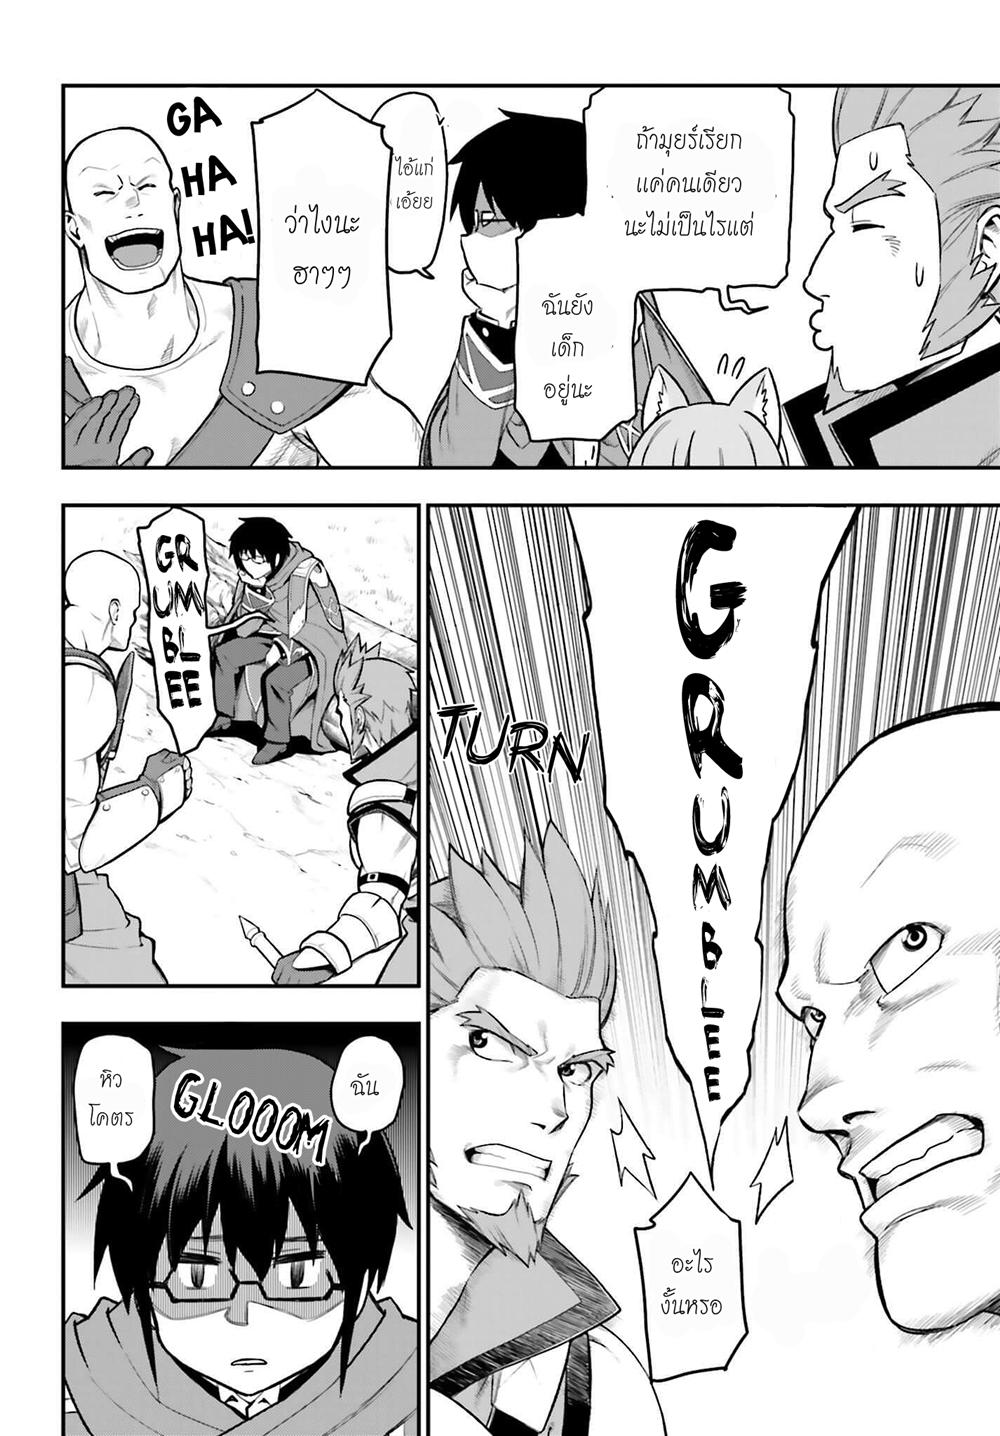 อ่านการ์ตูน Konjiki no Word Master 10 ภาพที่ 6